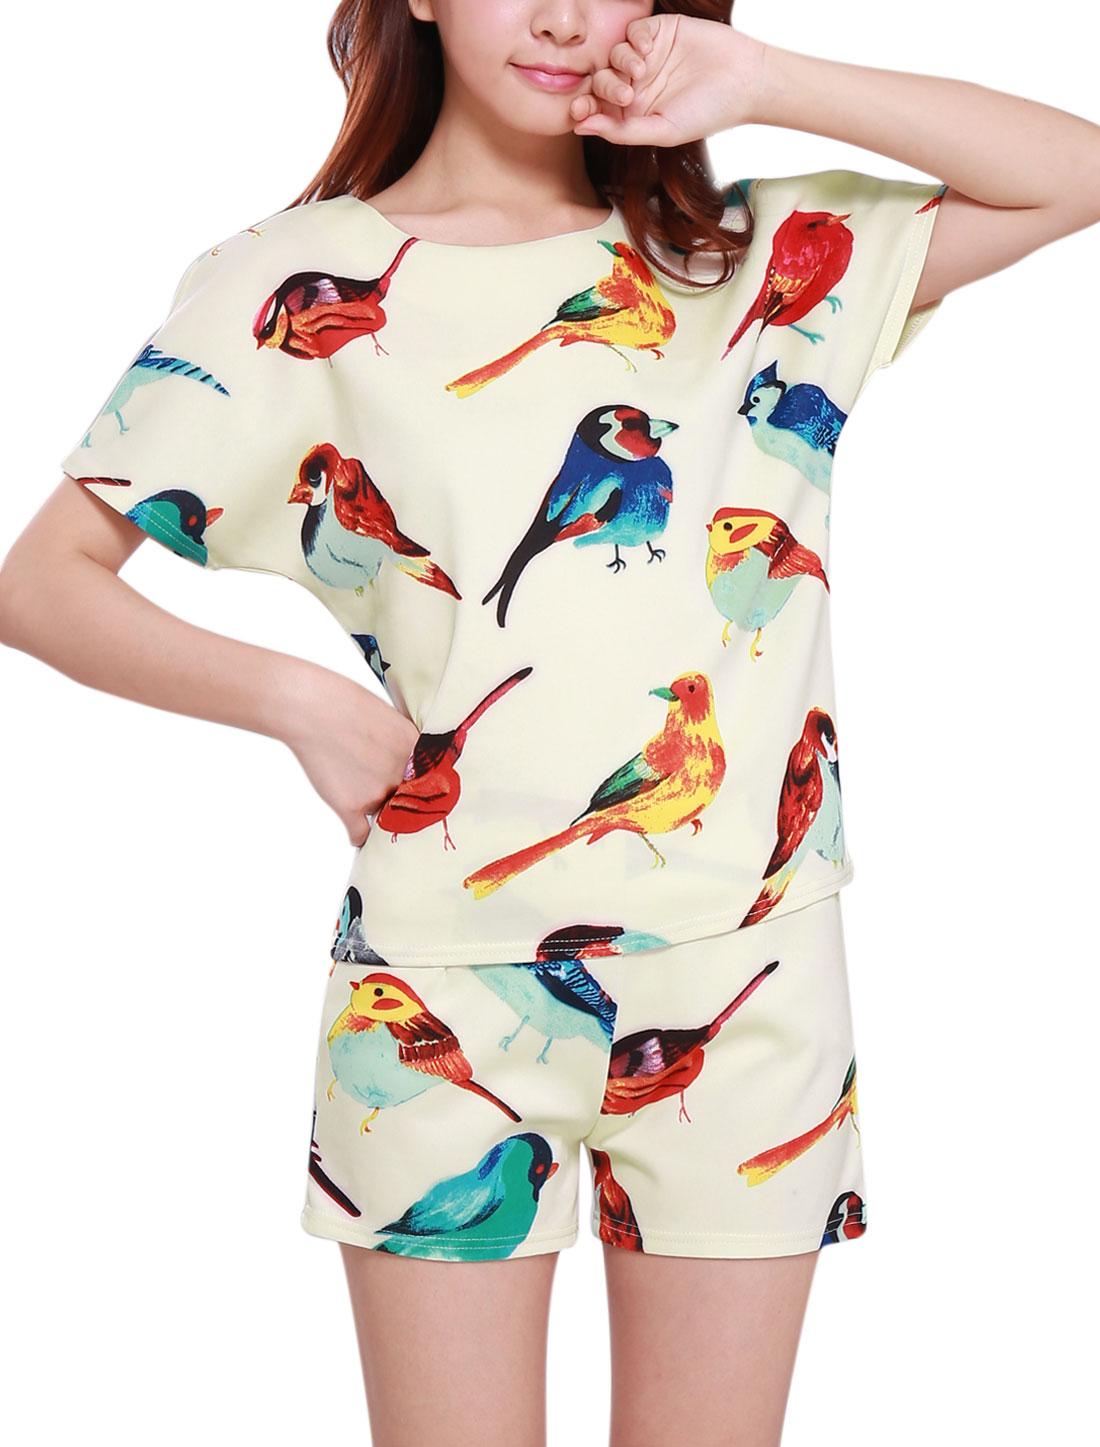 Women Batwing Design Top w Birds Pattern Shorts Beige XS